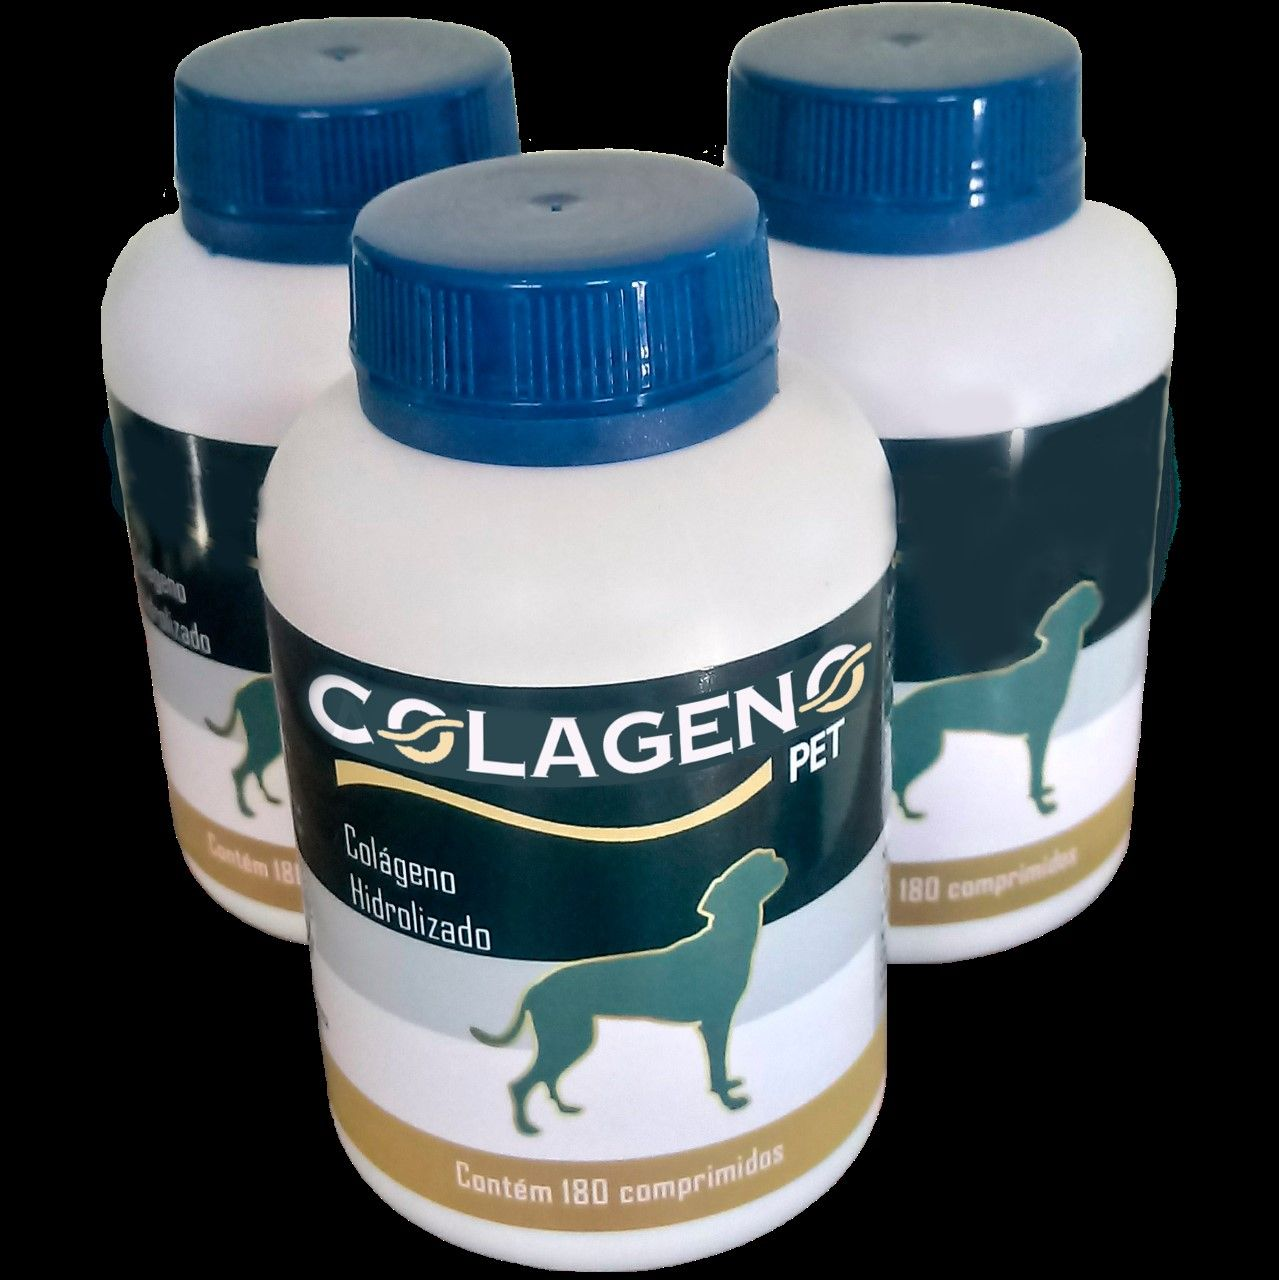 Colageno Pet 180 cpds  - Farmácia do Cavalo